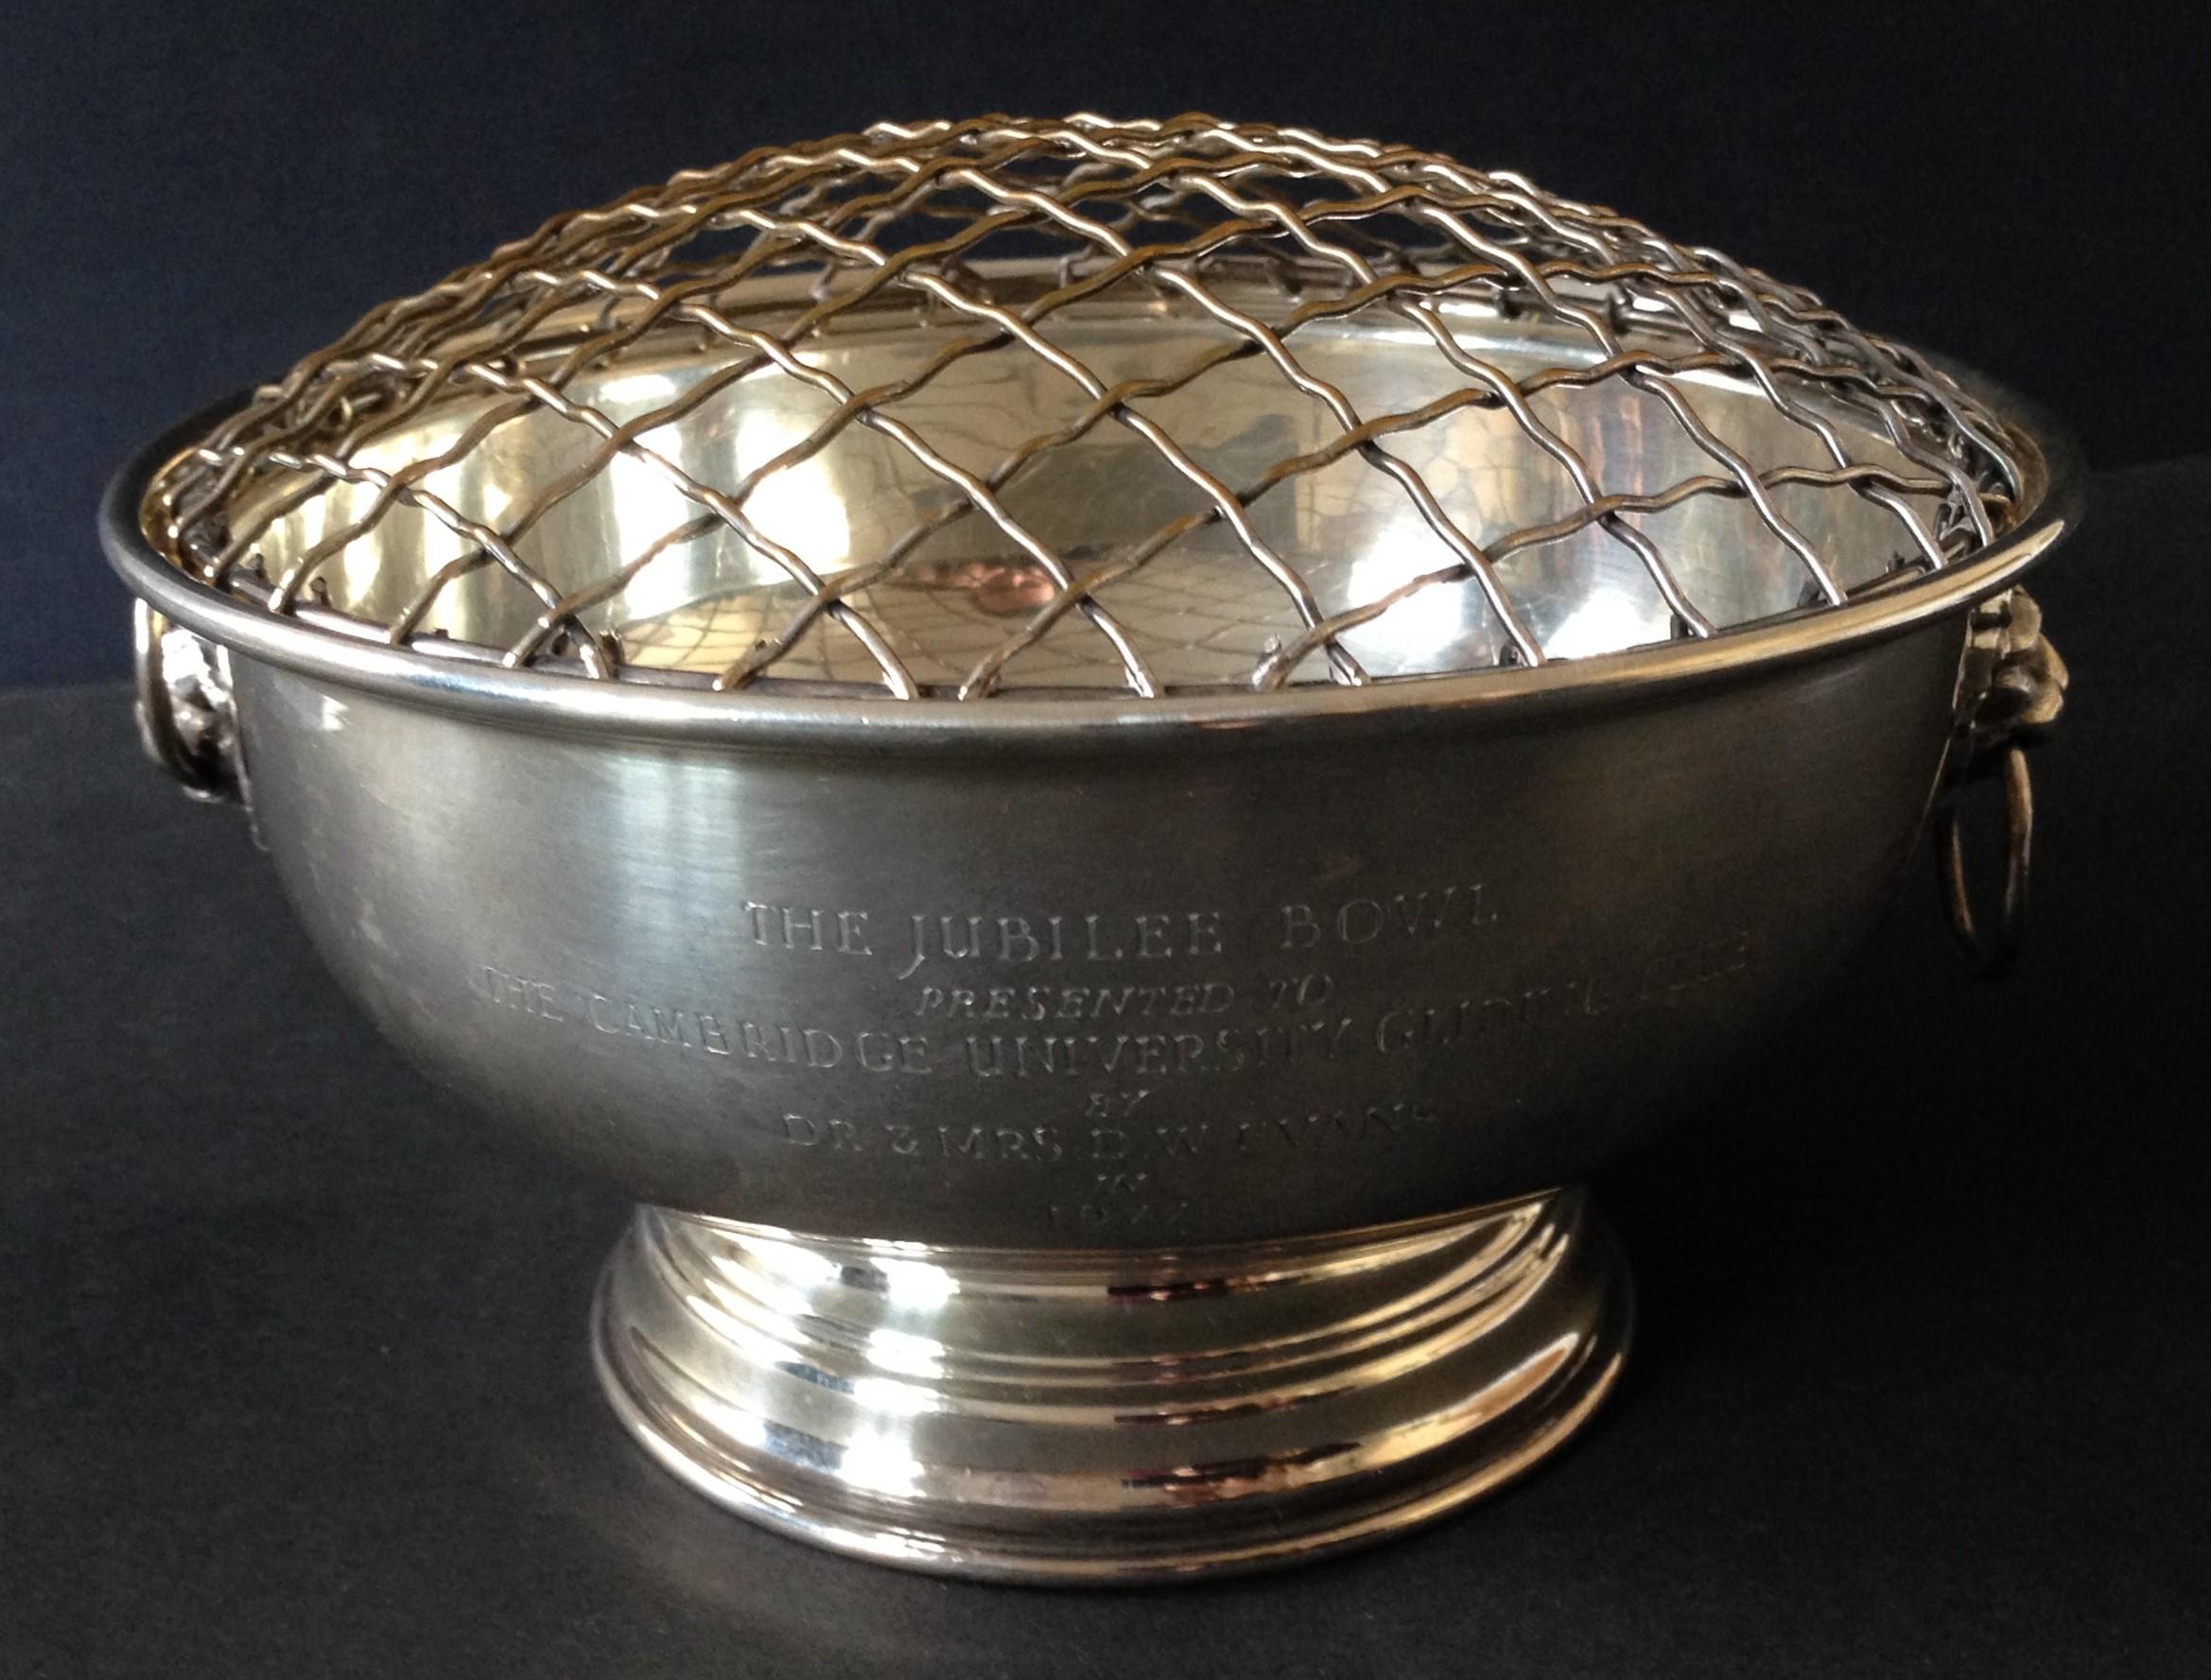 Jubilee Bowl